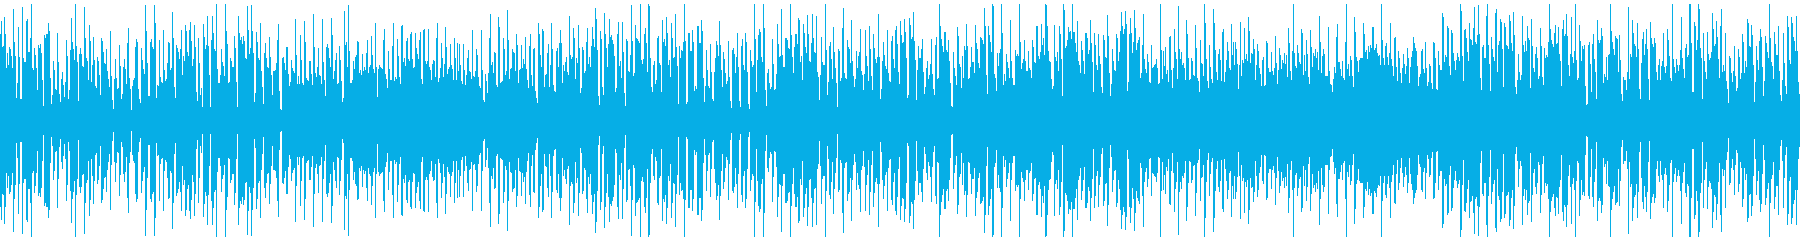 リコーダー、ほのぼの脱力ジャズ※ループ版の再生済みの波形